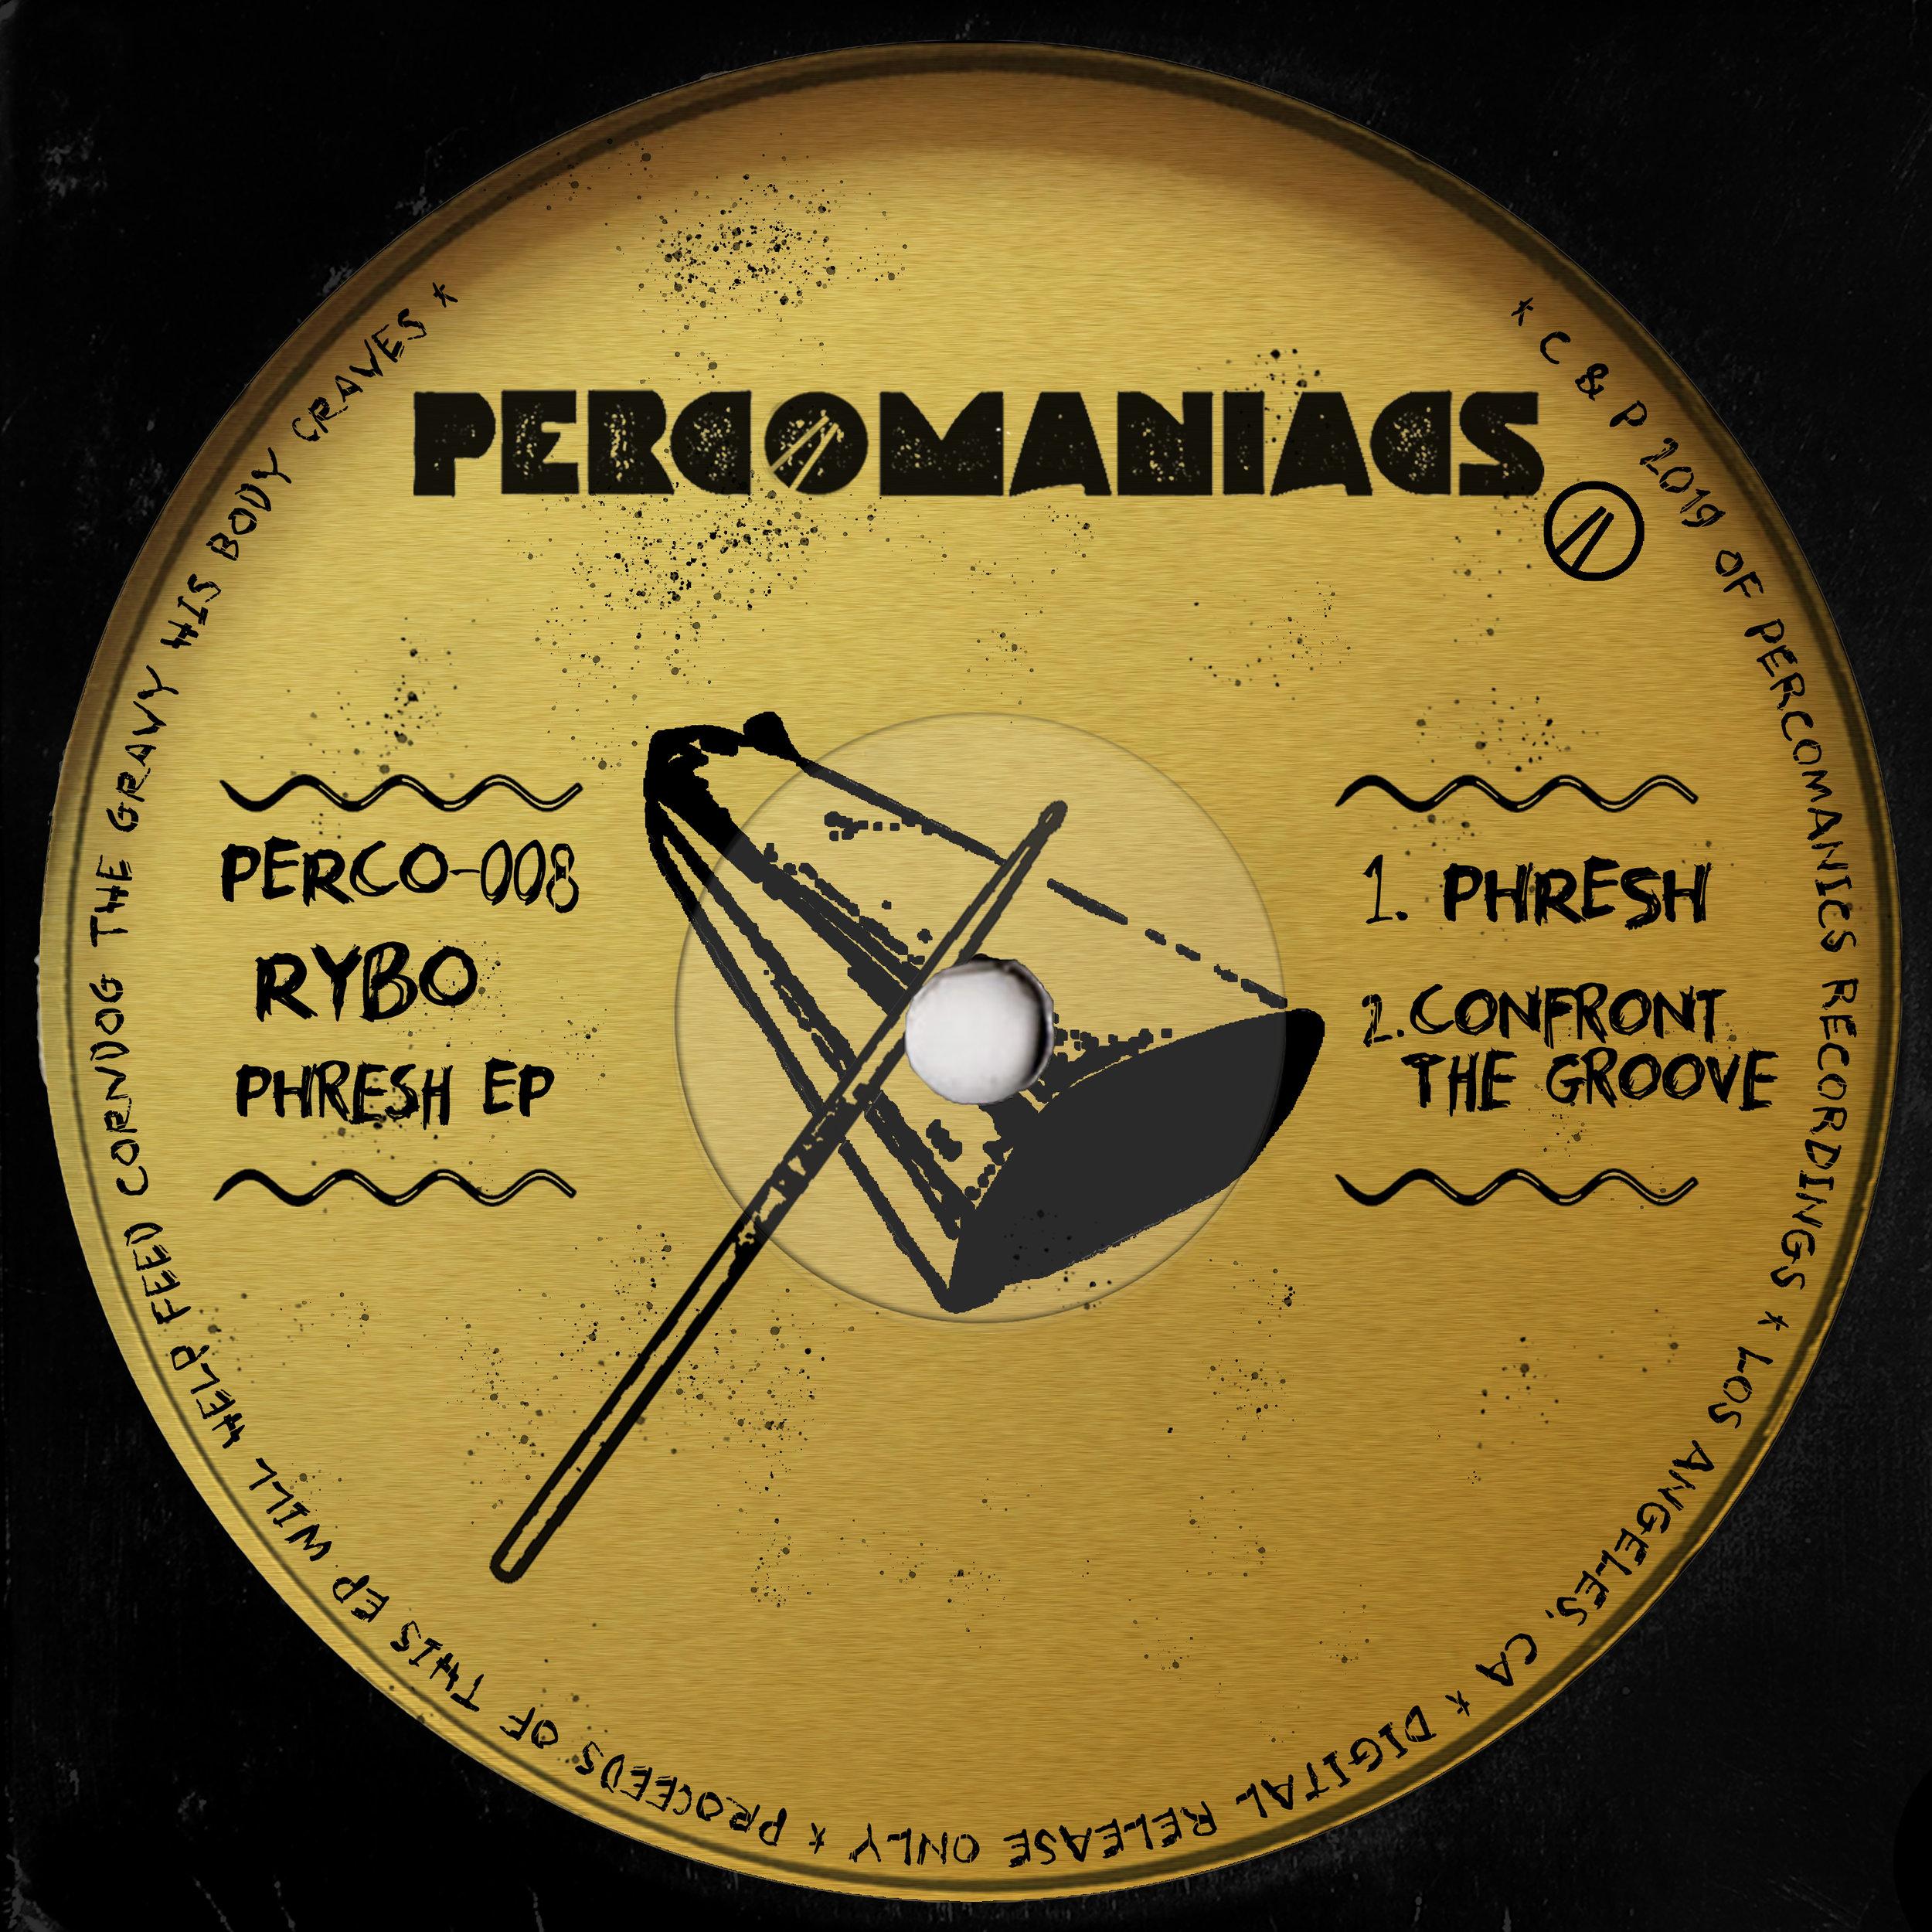 PERCO008 - RYBO - PHRESH EP